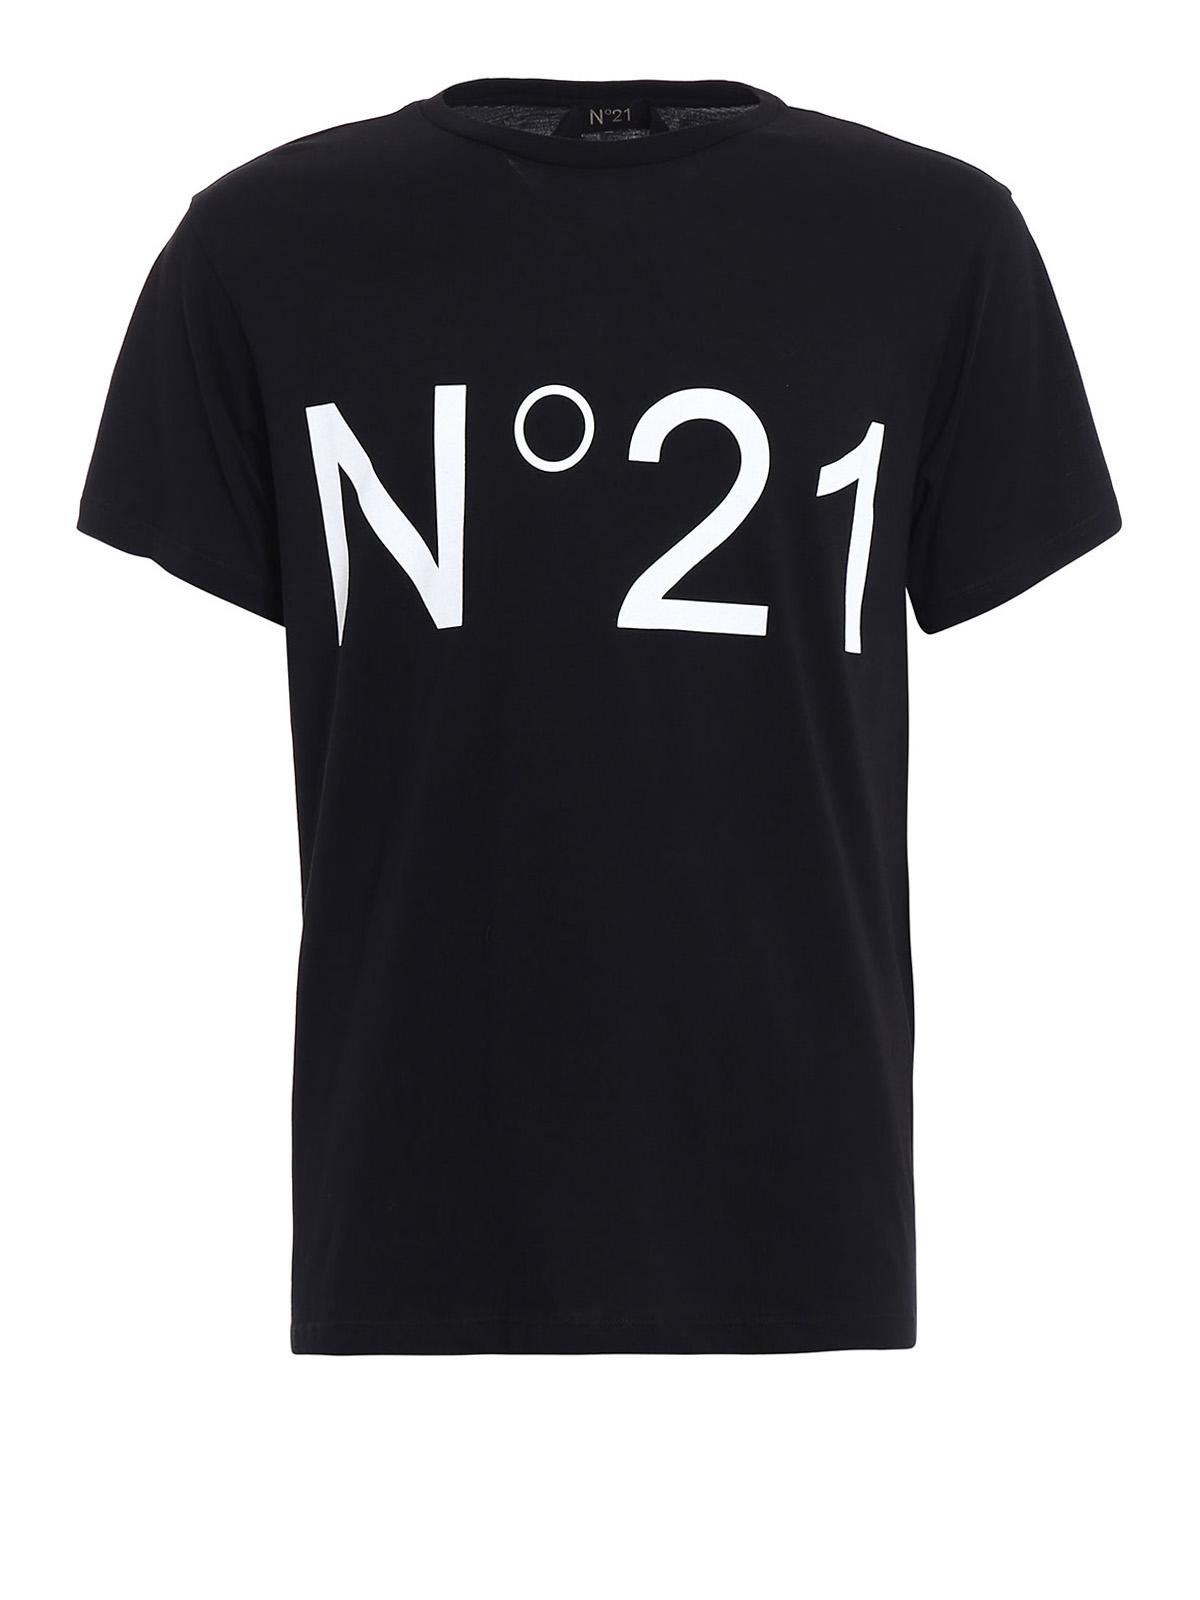 Logo print black cotton tee by n 21 t shirts ikrix for Print logo on shirt